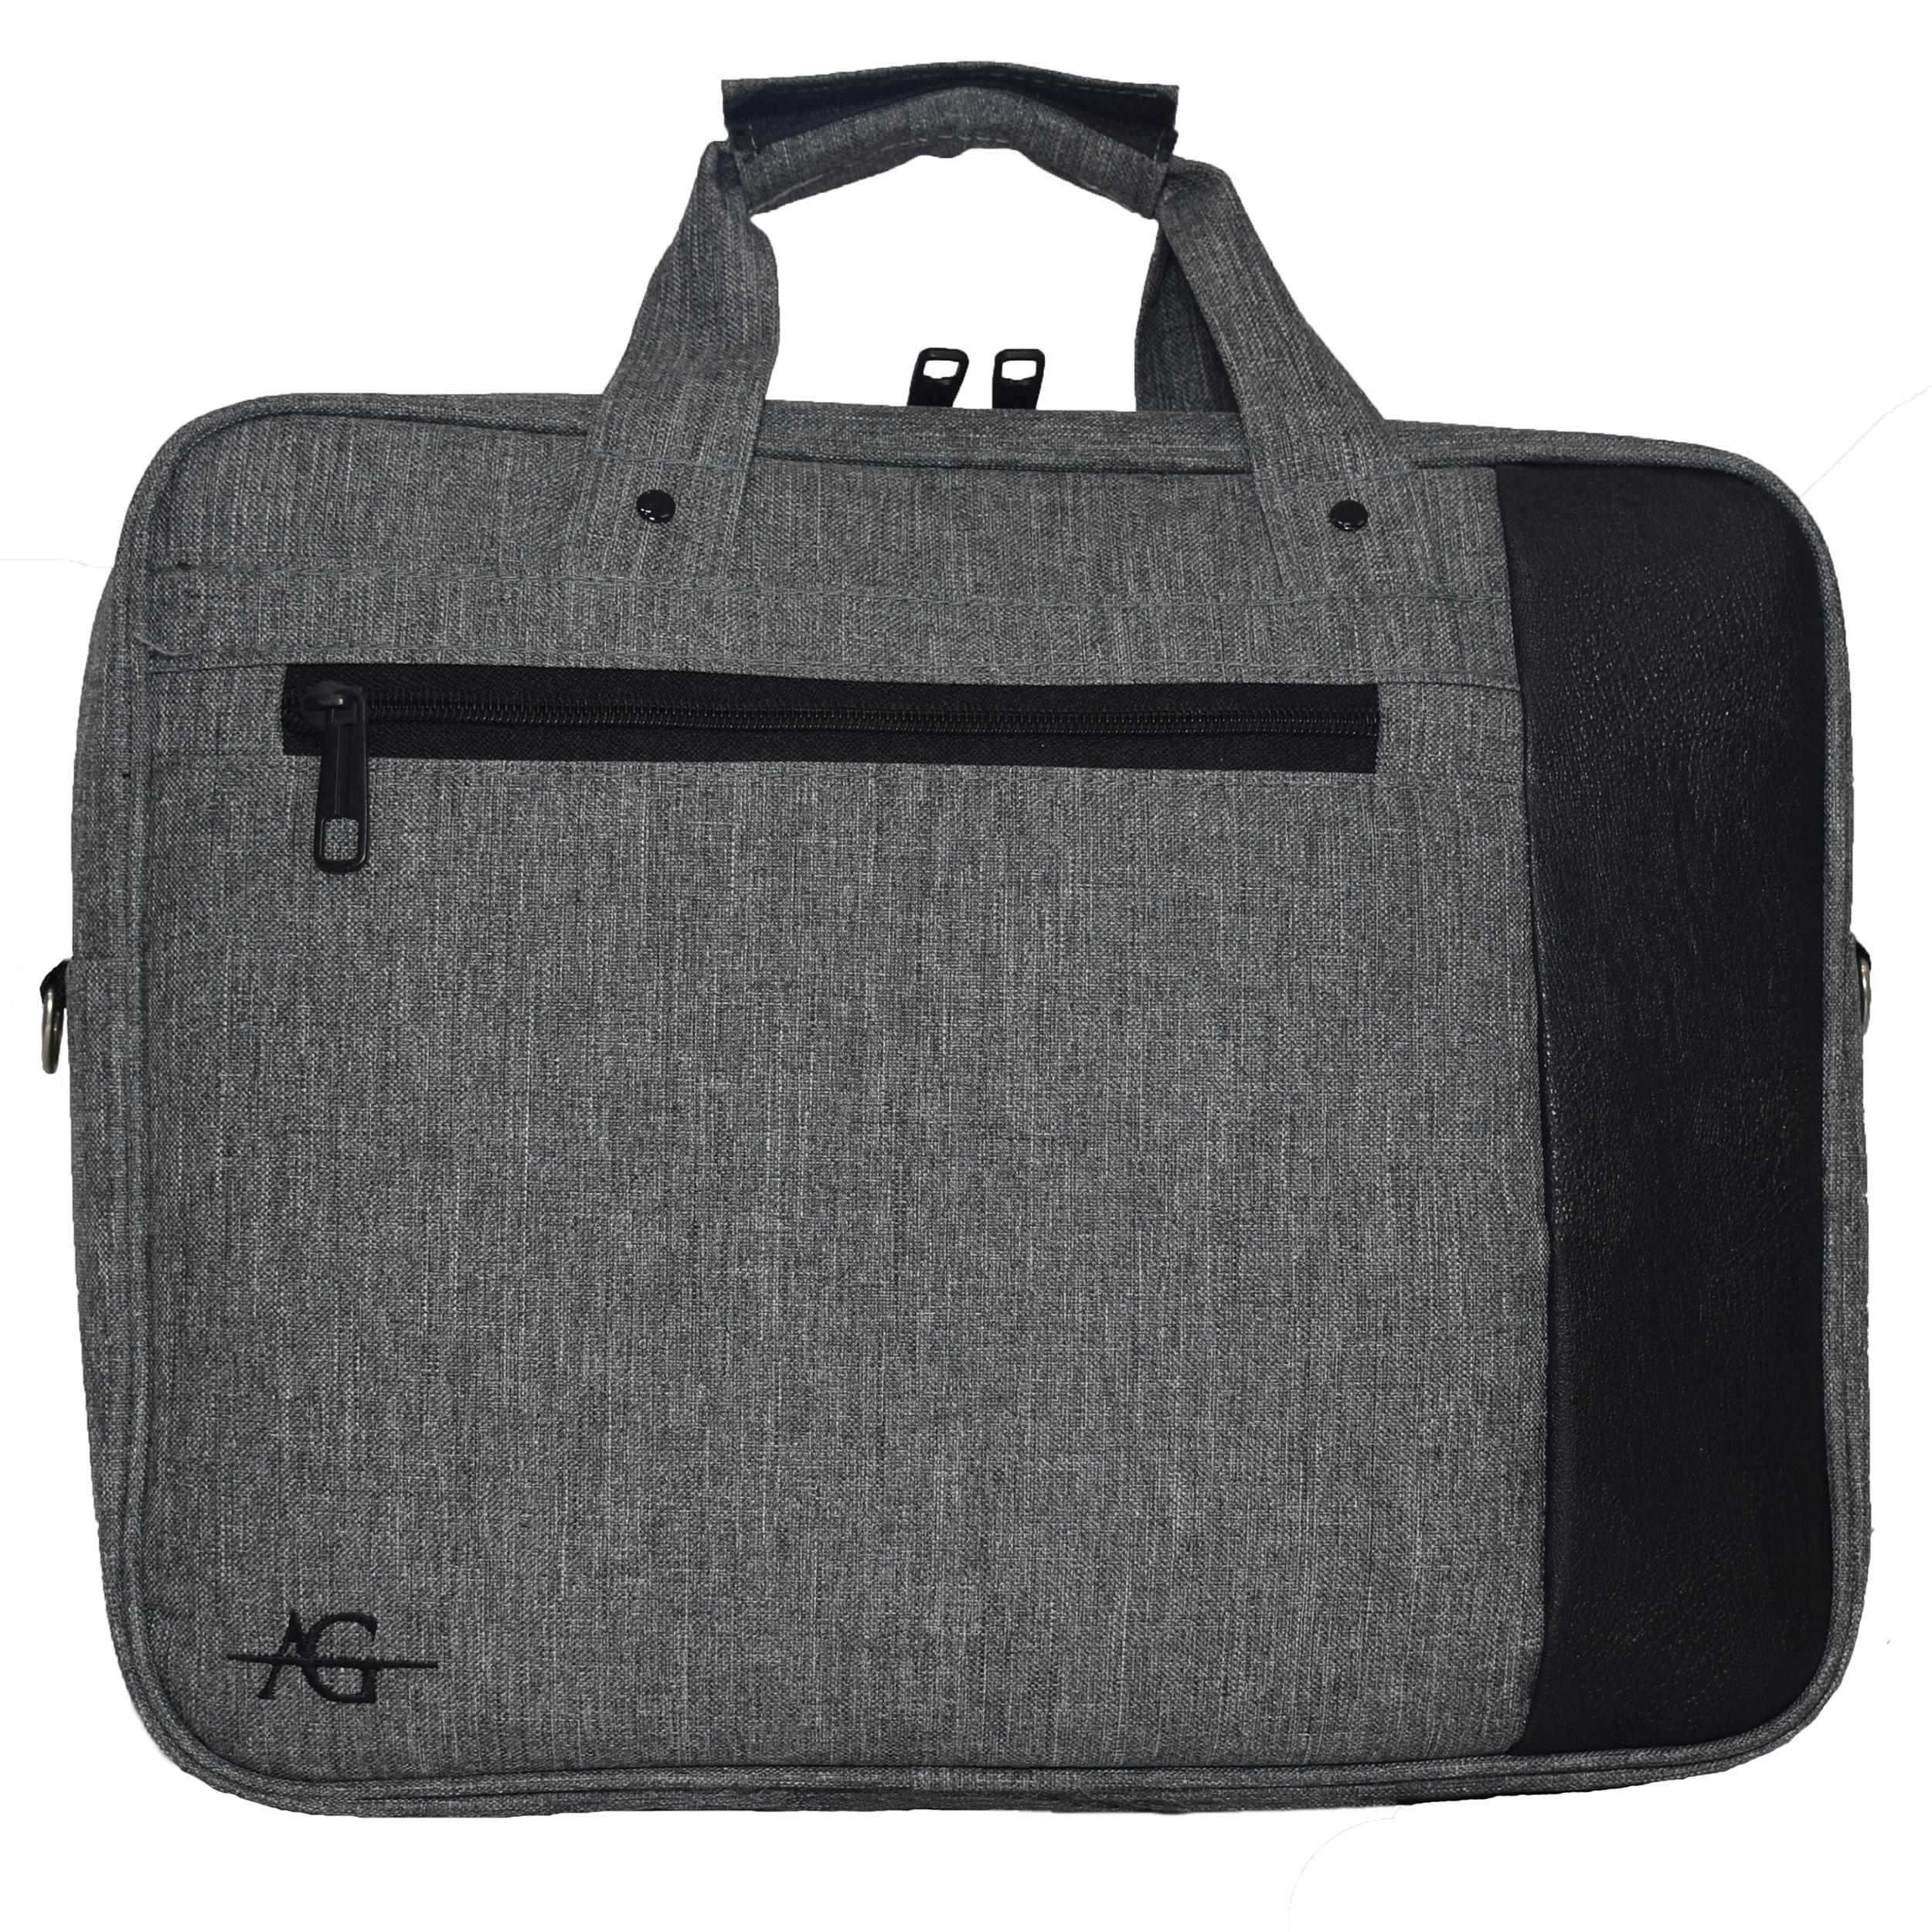 کیف لپ تاپ مدل AG103 مناسب برای لپتاپ 15.6 اینچی